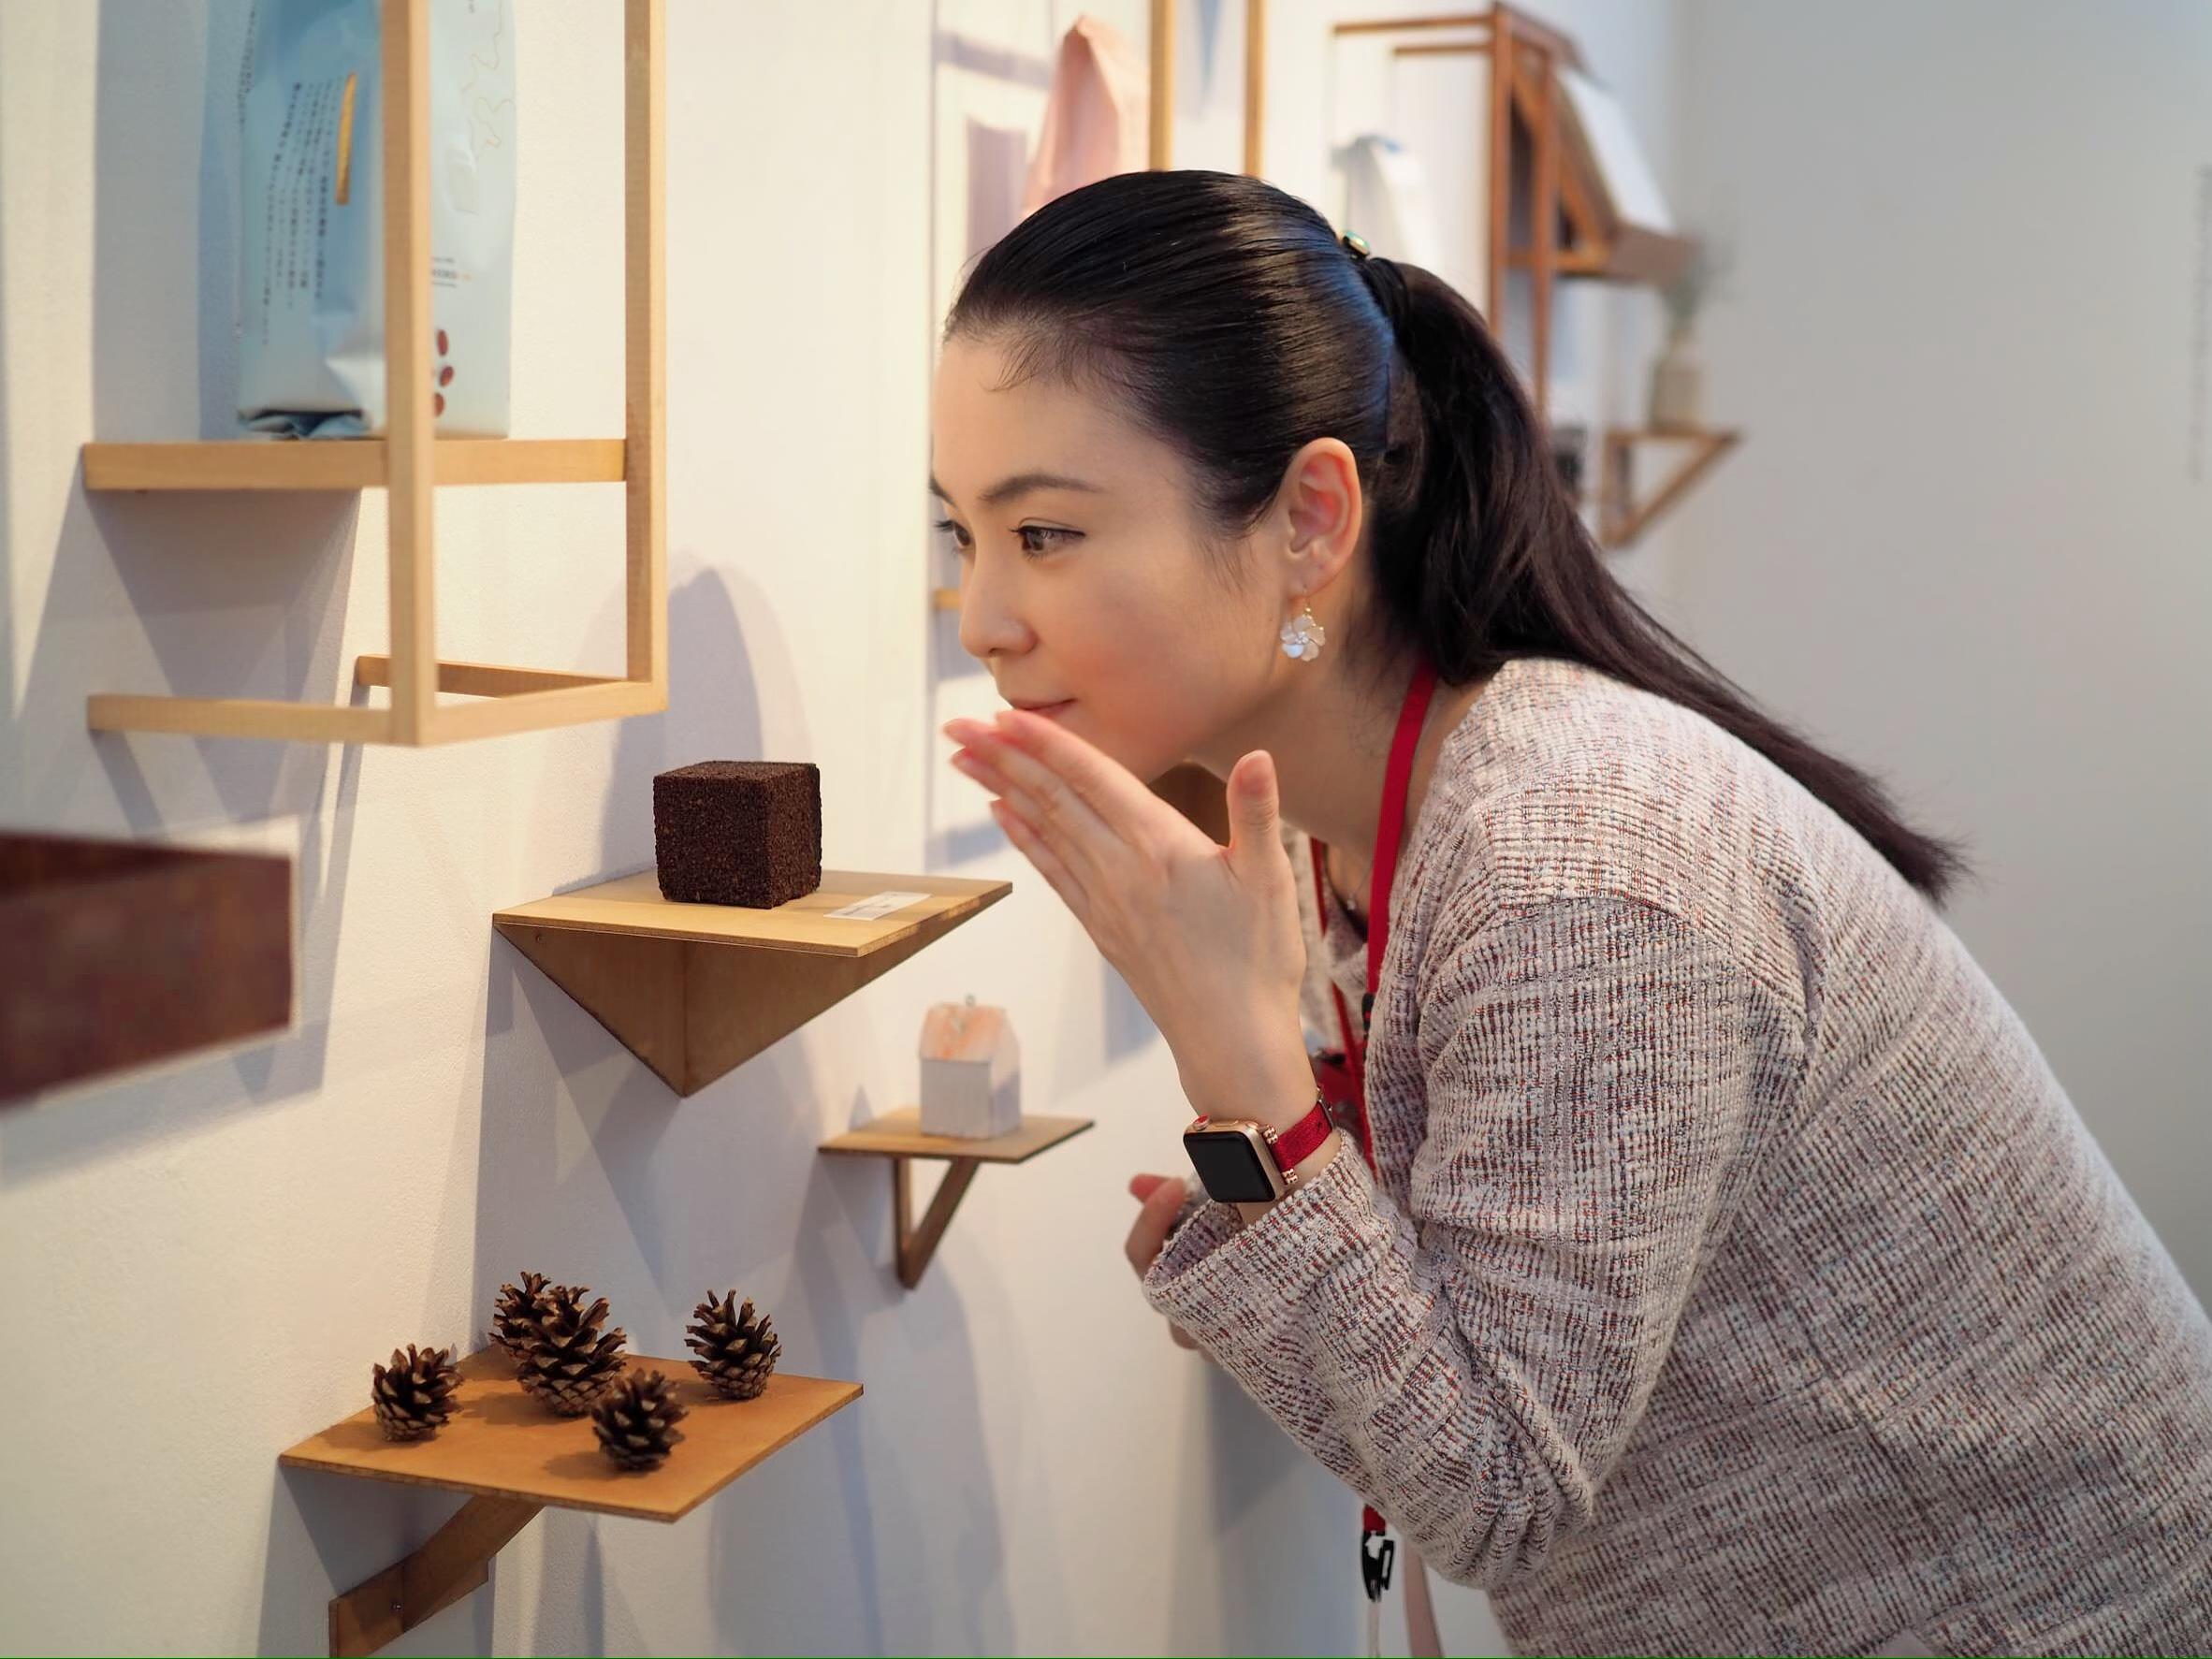 期間限定!五感で楽しむ♪北海道の人気カフェ「森彦」を東京で体験